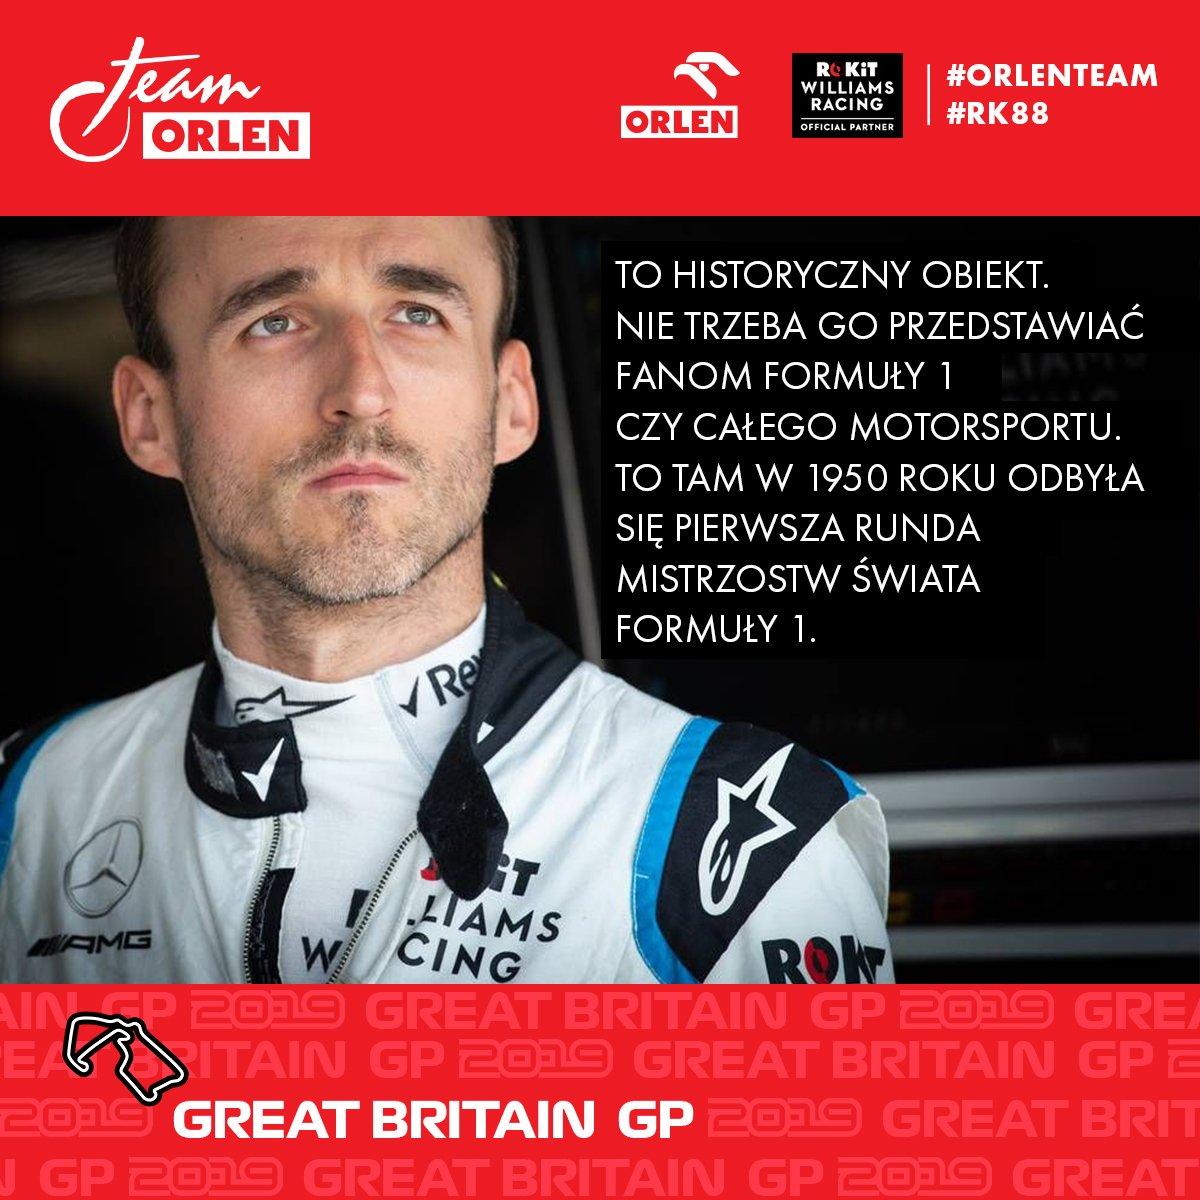 """📣#RK88 🏁wystartuje w niedzielę w #BritishGP. O torze mówi: """"W dobrze przygotowanym samochodzie jazda tam jest niezwykle przyjemna."""" Więcej o najbliższym wyścigu dowiecie się z naszej zapowiedzi.👇  http://www.orlenteam.pl/20190712_1.html  #ORLEN #ORLENTeam #F1"""